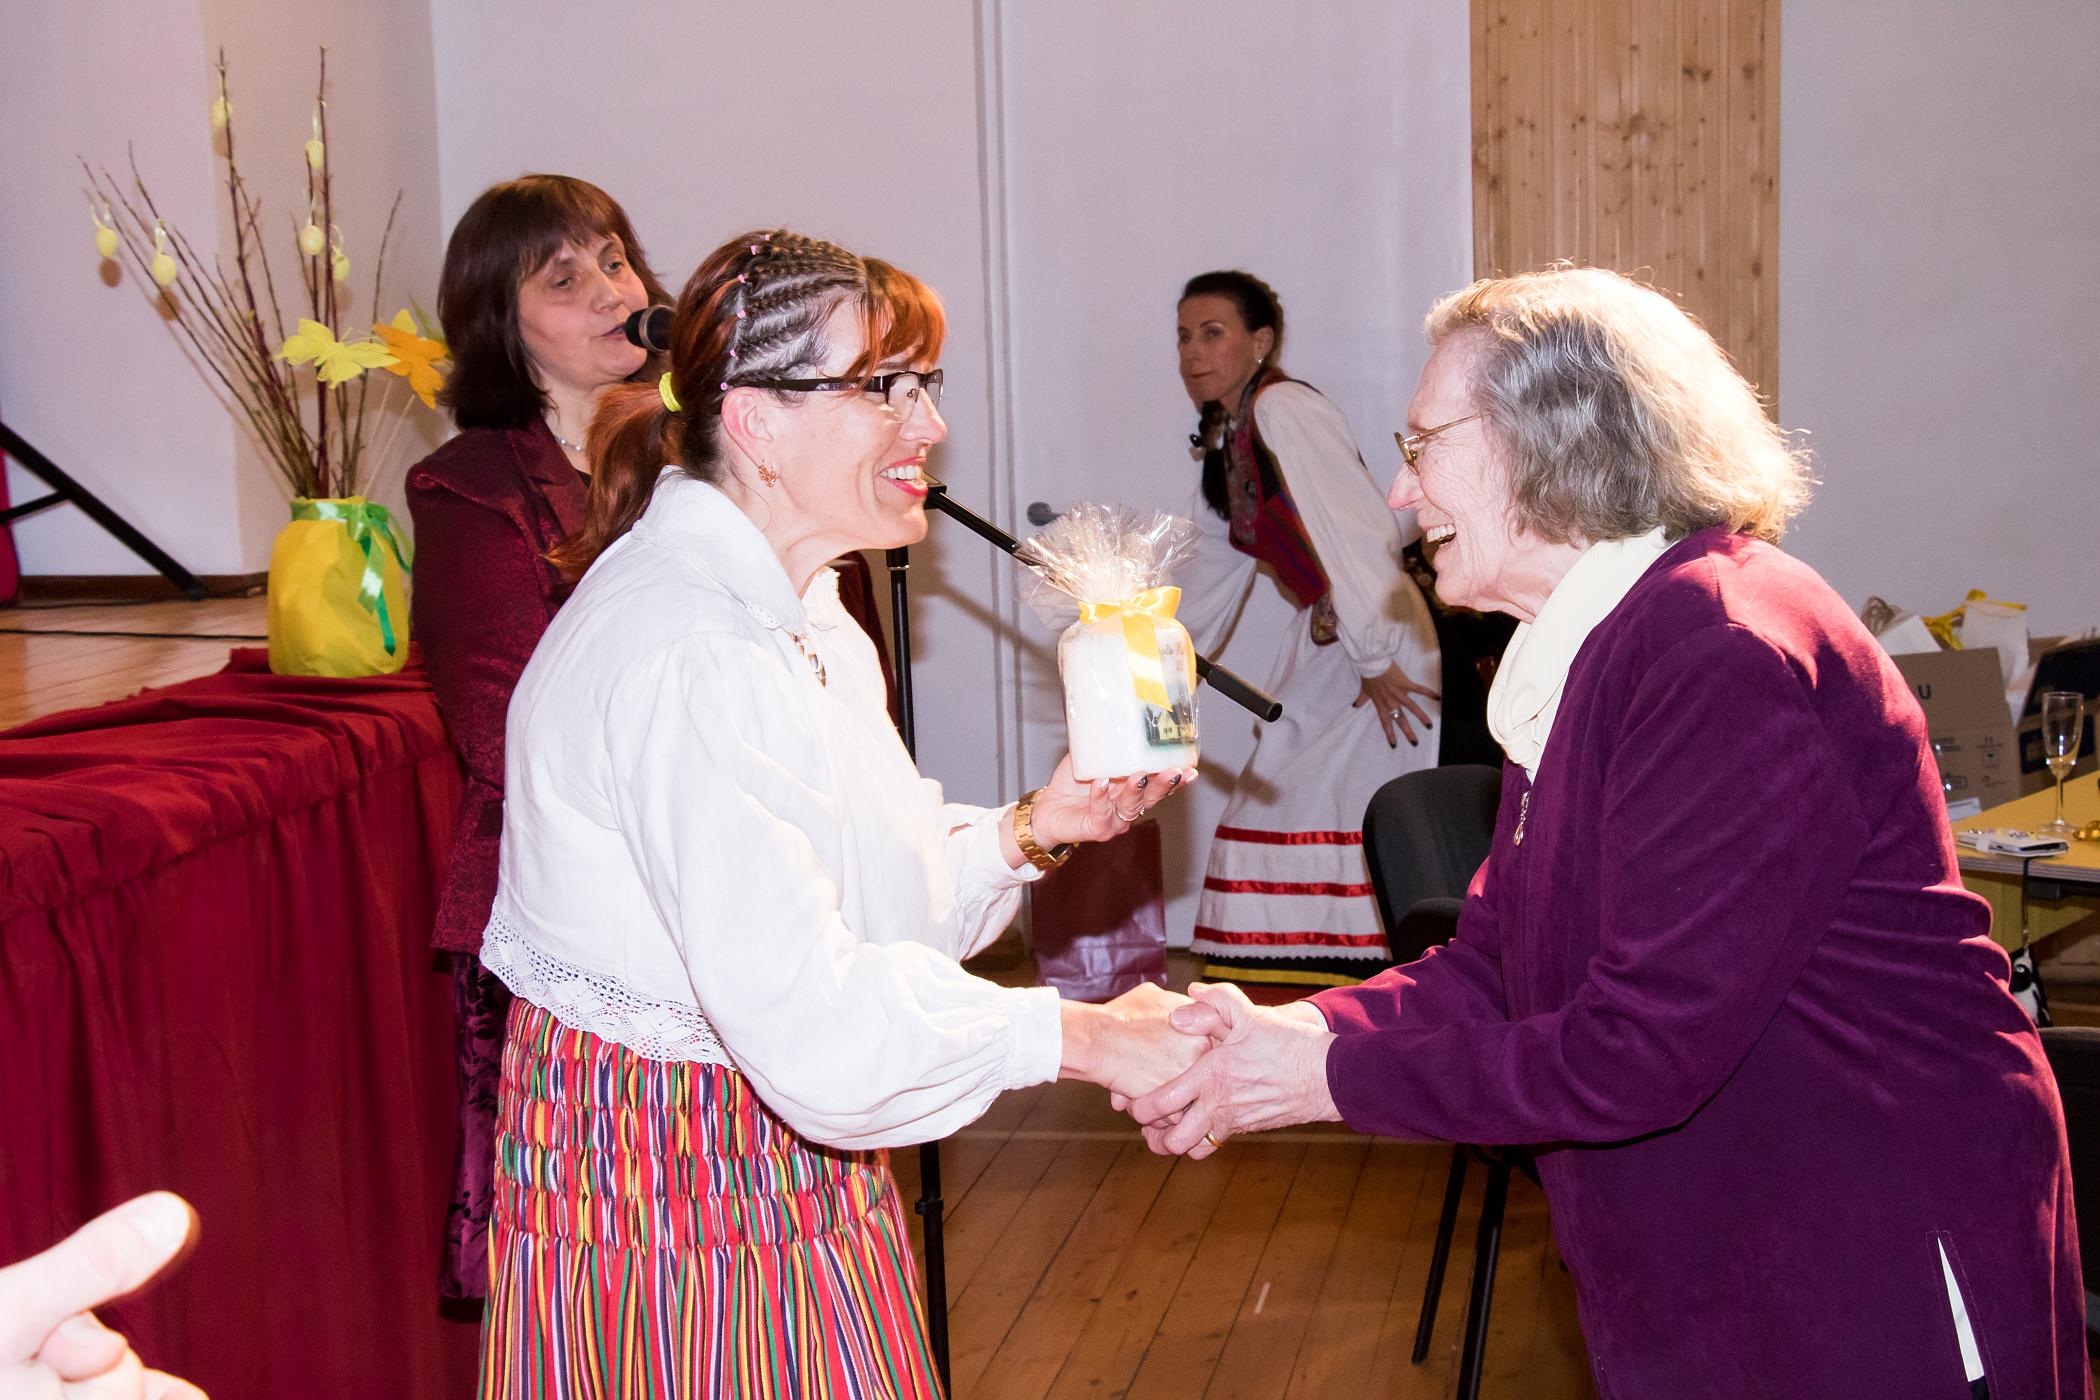 Karala külaelu arendamise selts pidas laupäeval Lümanda Kultuurimajas 20. sünnipäeva. Fotod: Irina Mägi